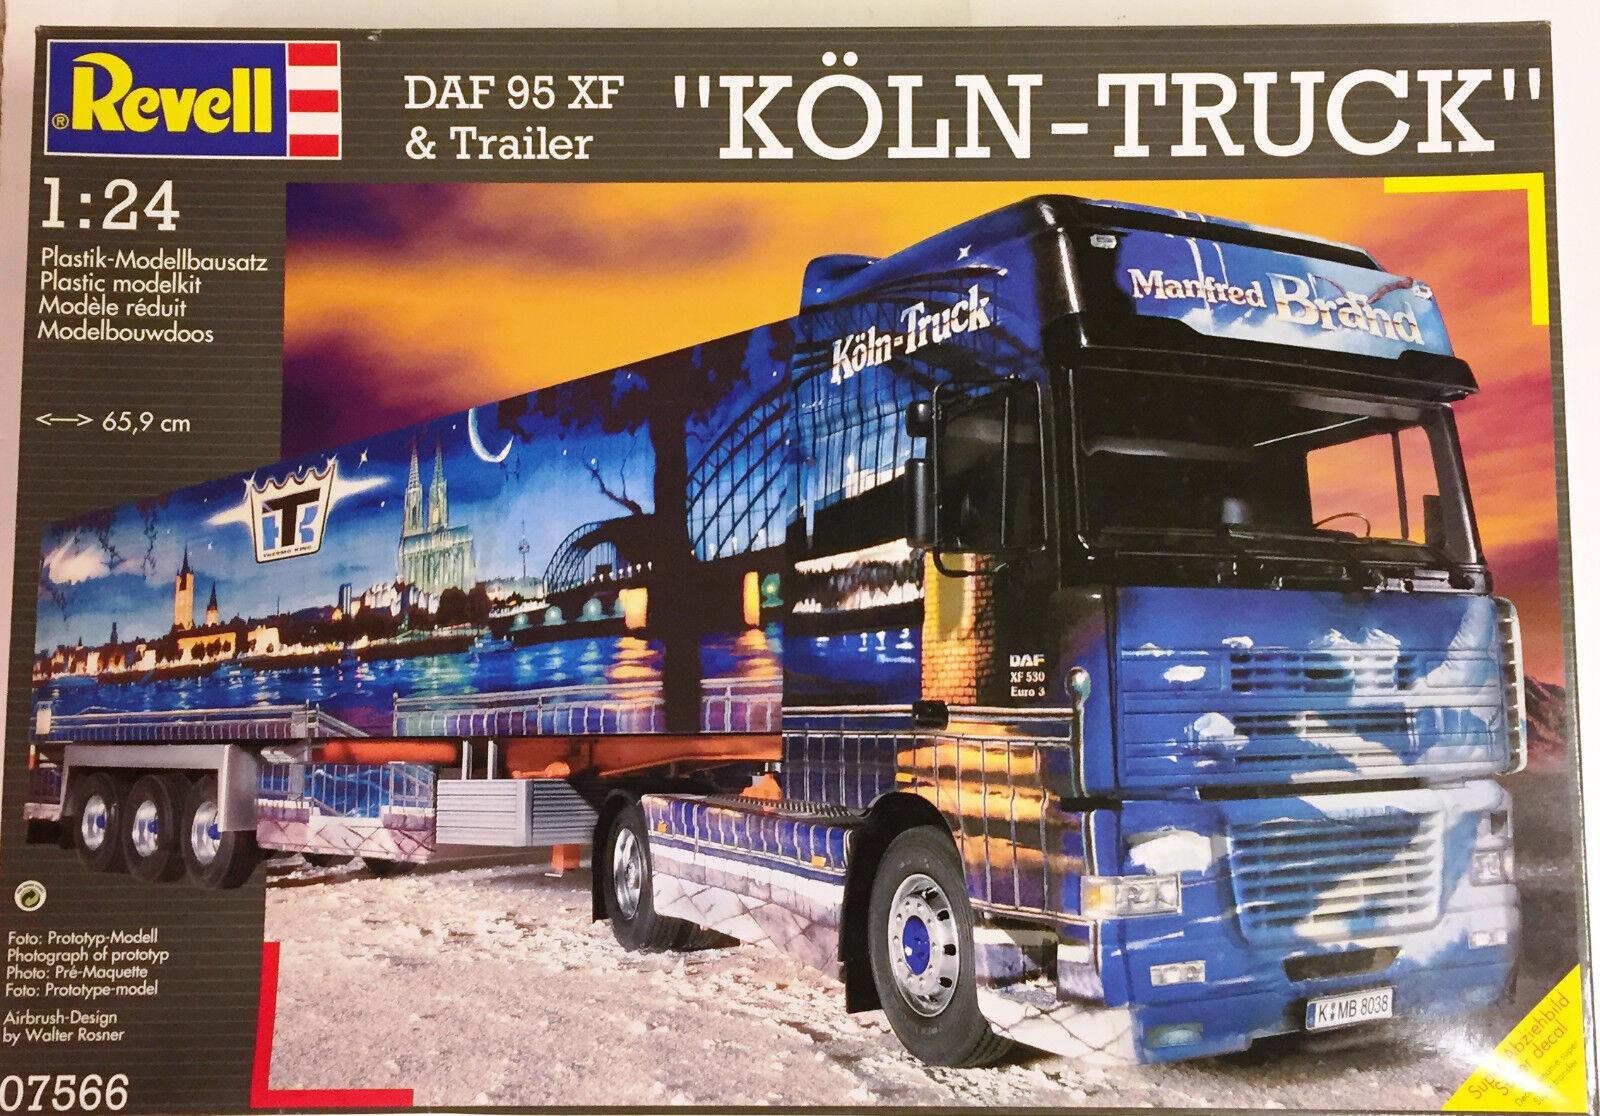 Revel Geruomoy 1 24 DAF 95 XF w  trailer  Koln-Truck